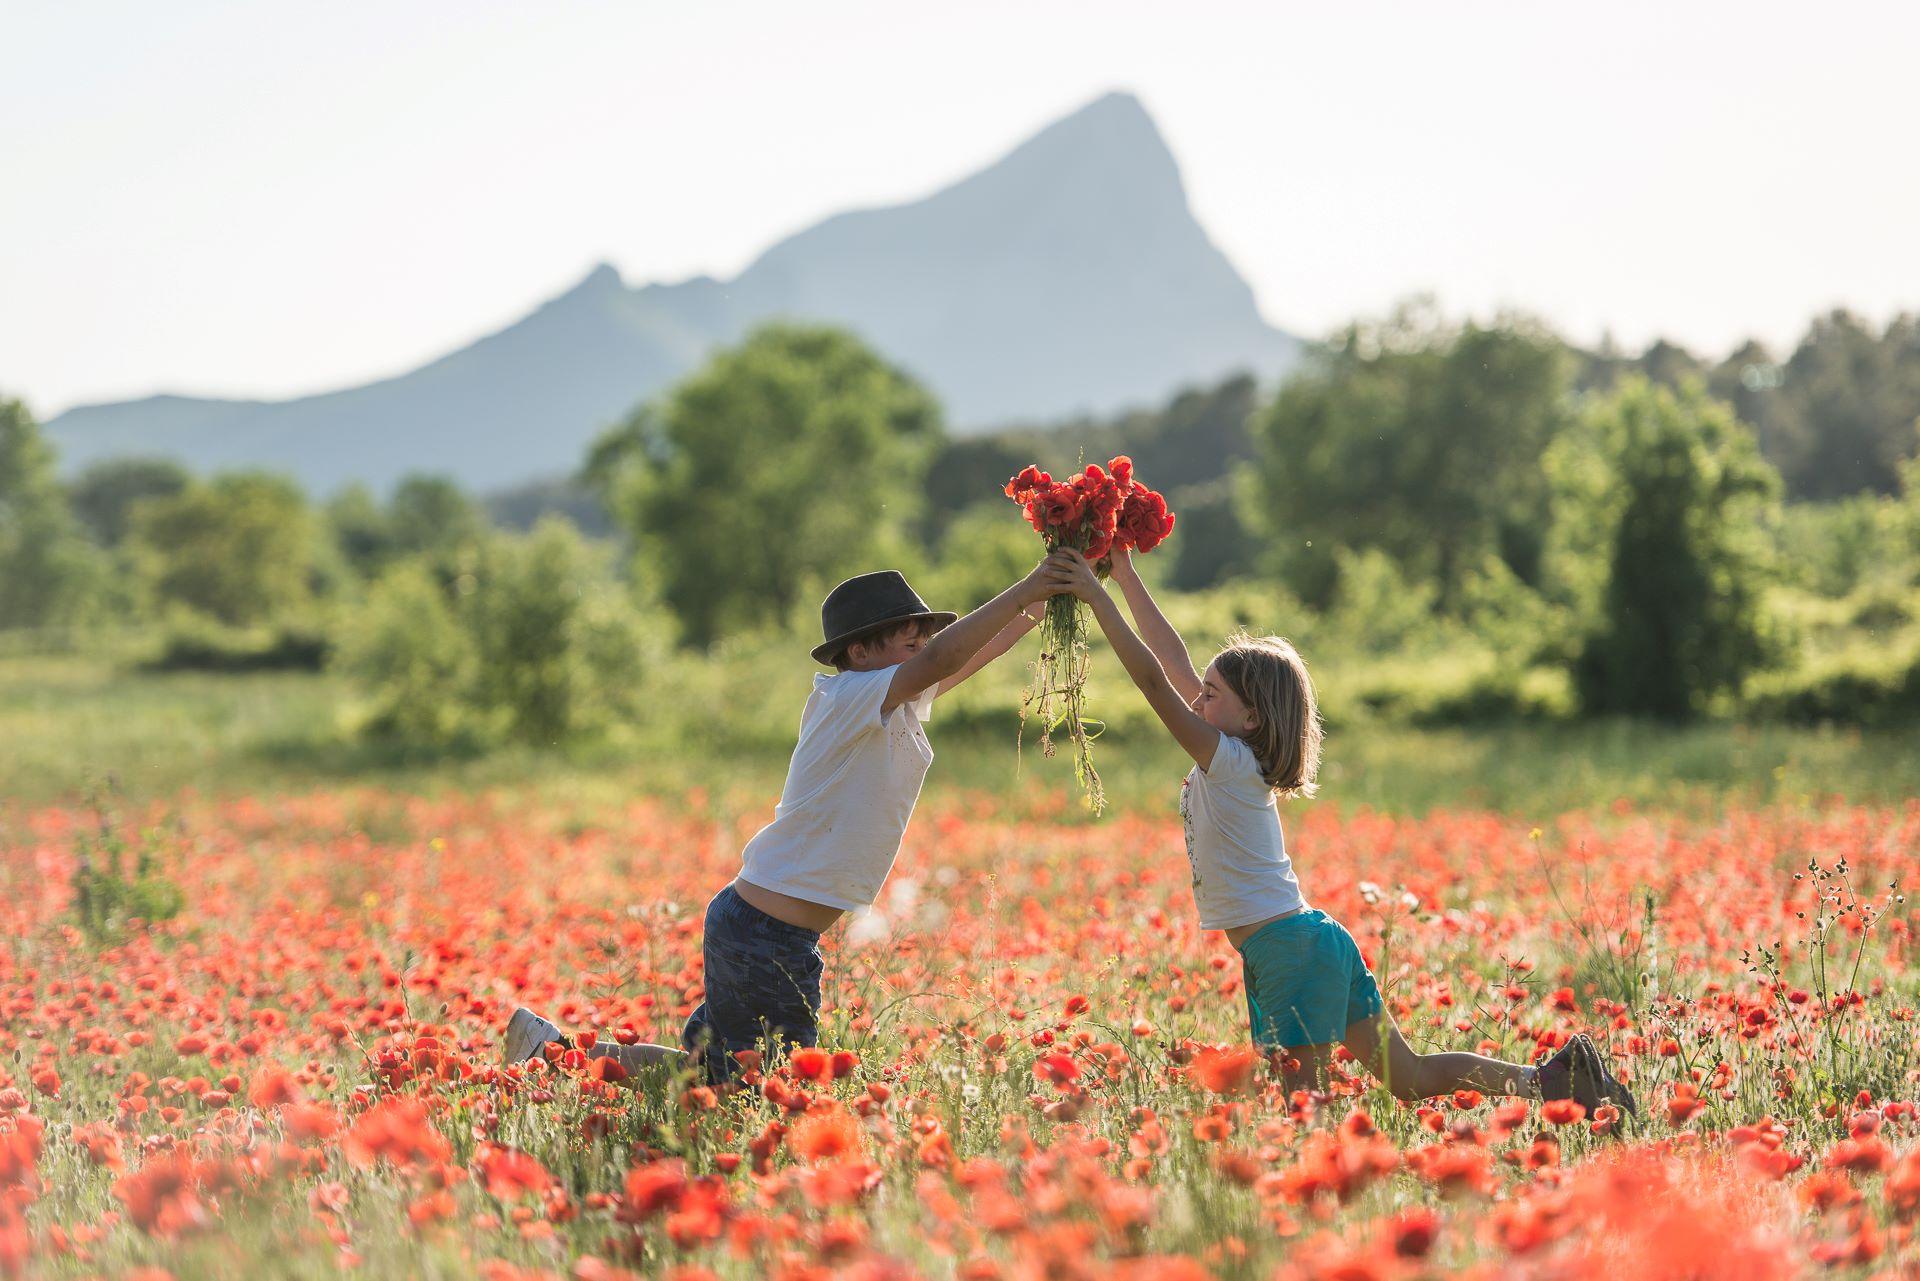 Enfants jouant dans un champ de coquelicots au pied du pic saint Loup